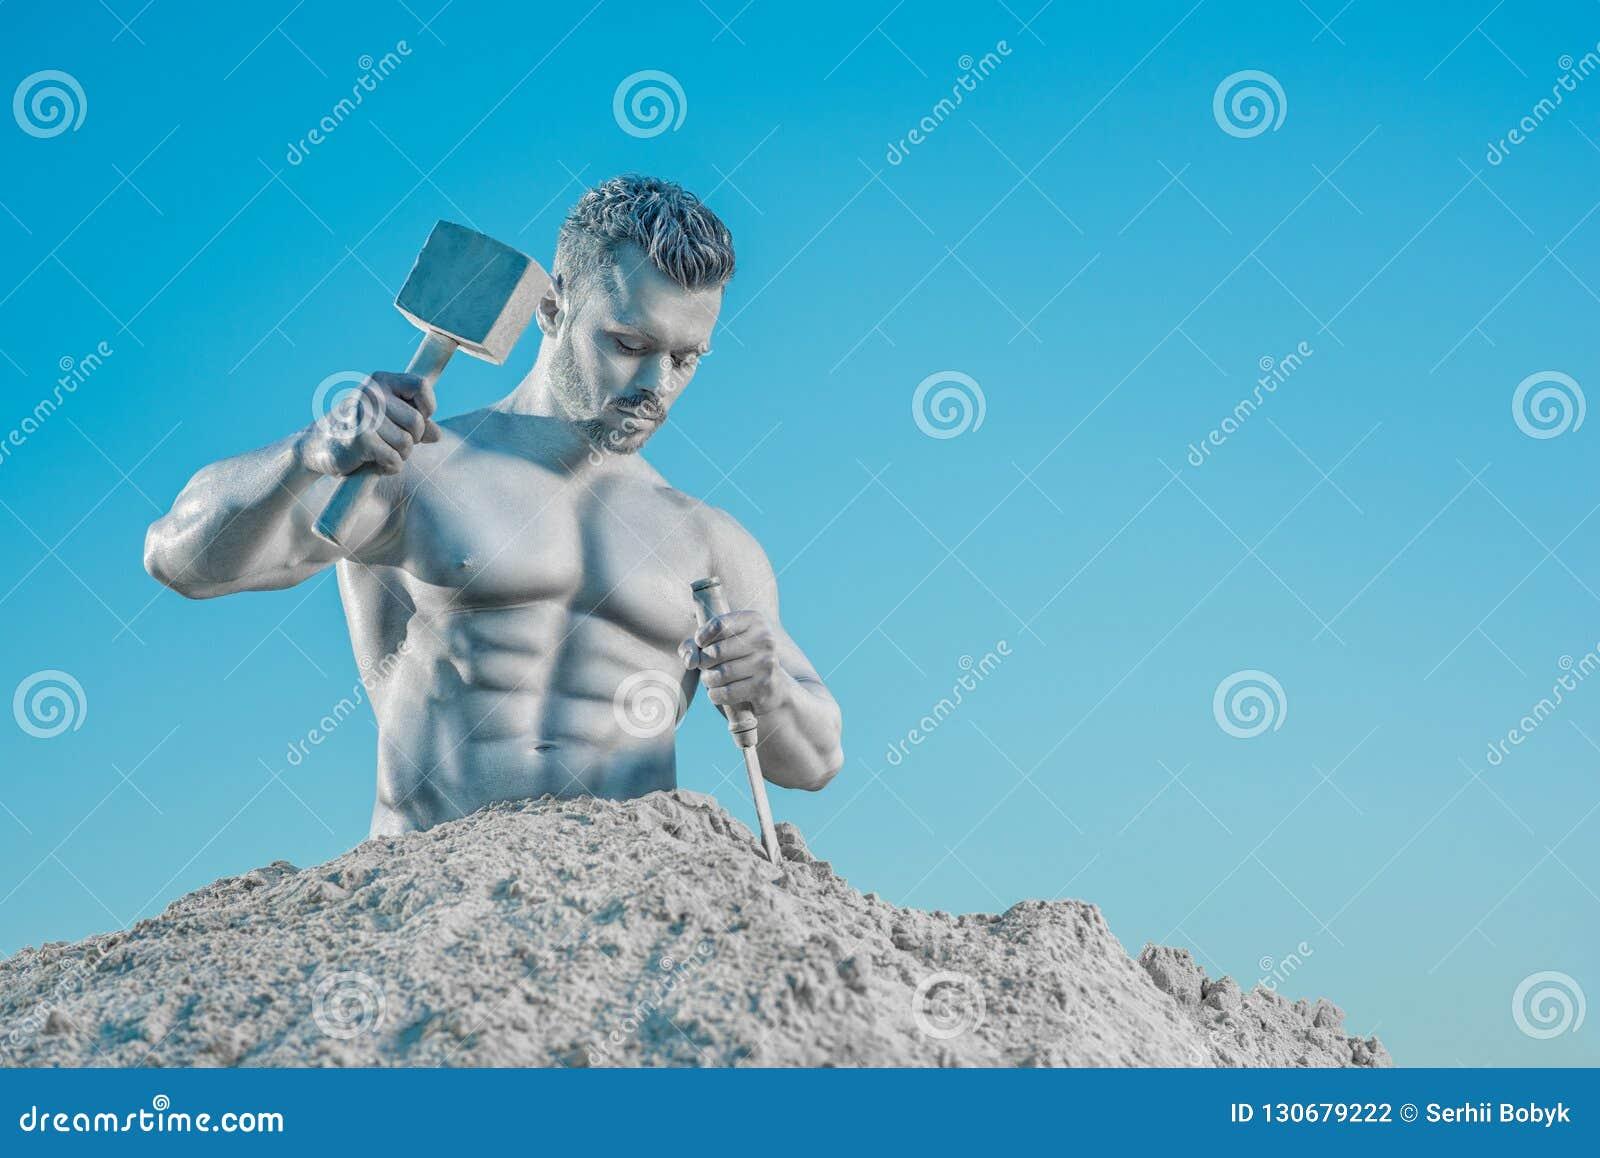 Atlas légendaire créant son corps parfait de roche